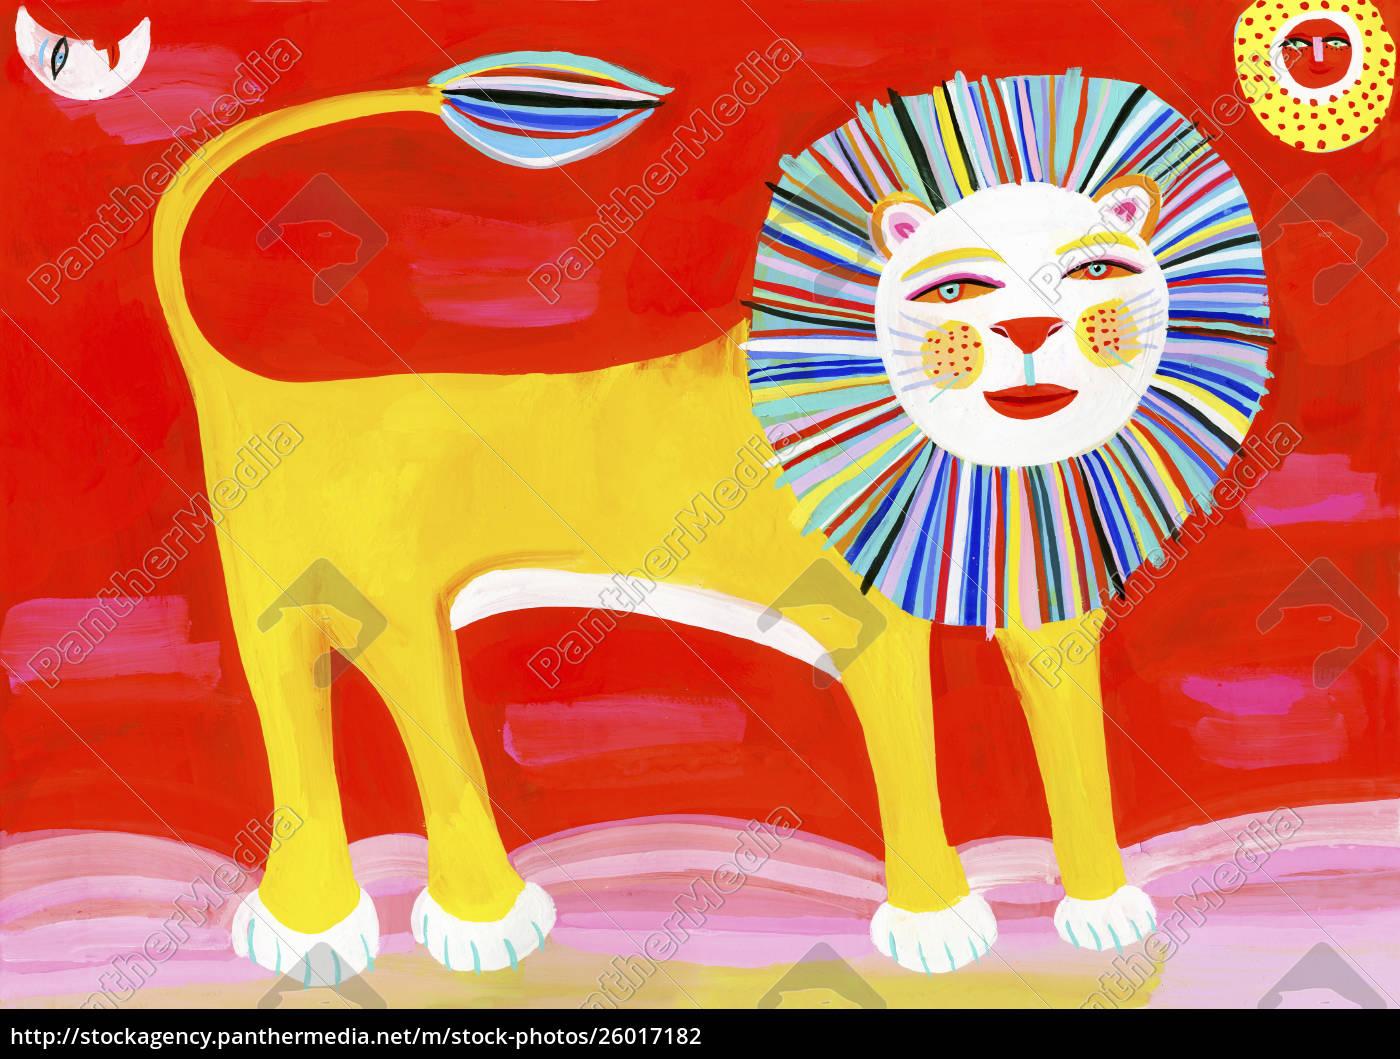 colorful, lion - 26017182